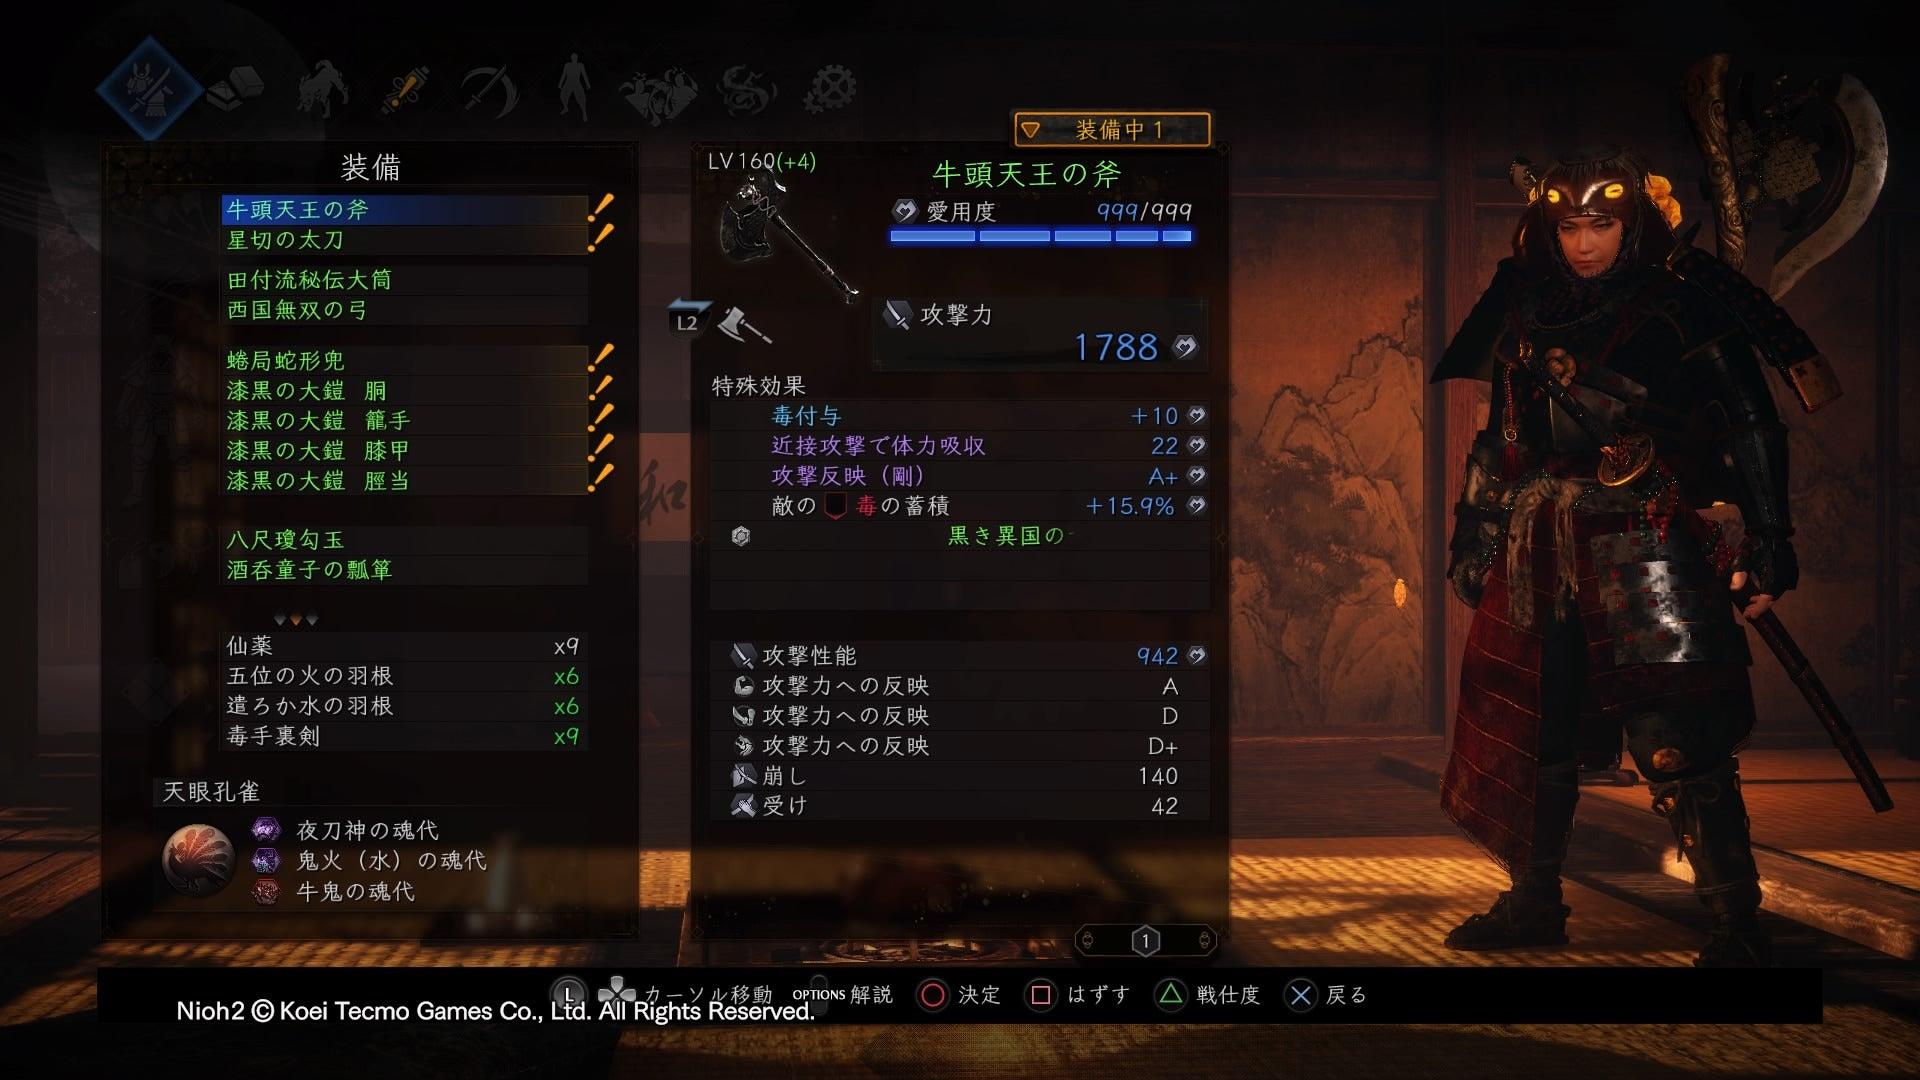 2 ビルド 仁王 斧